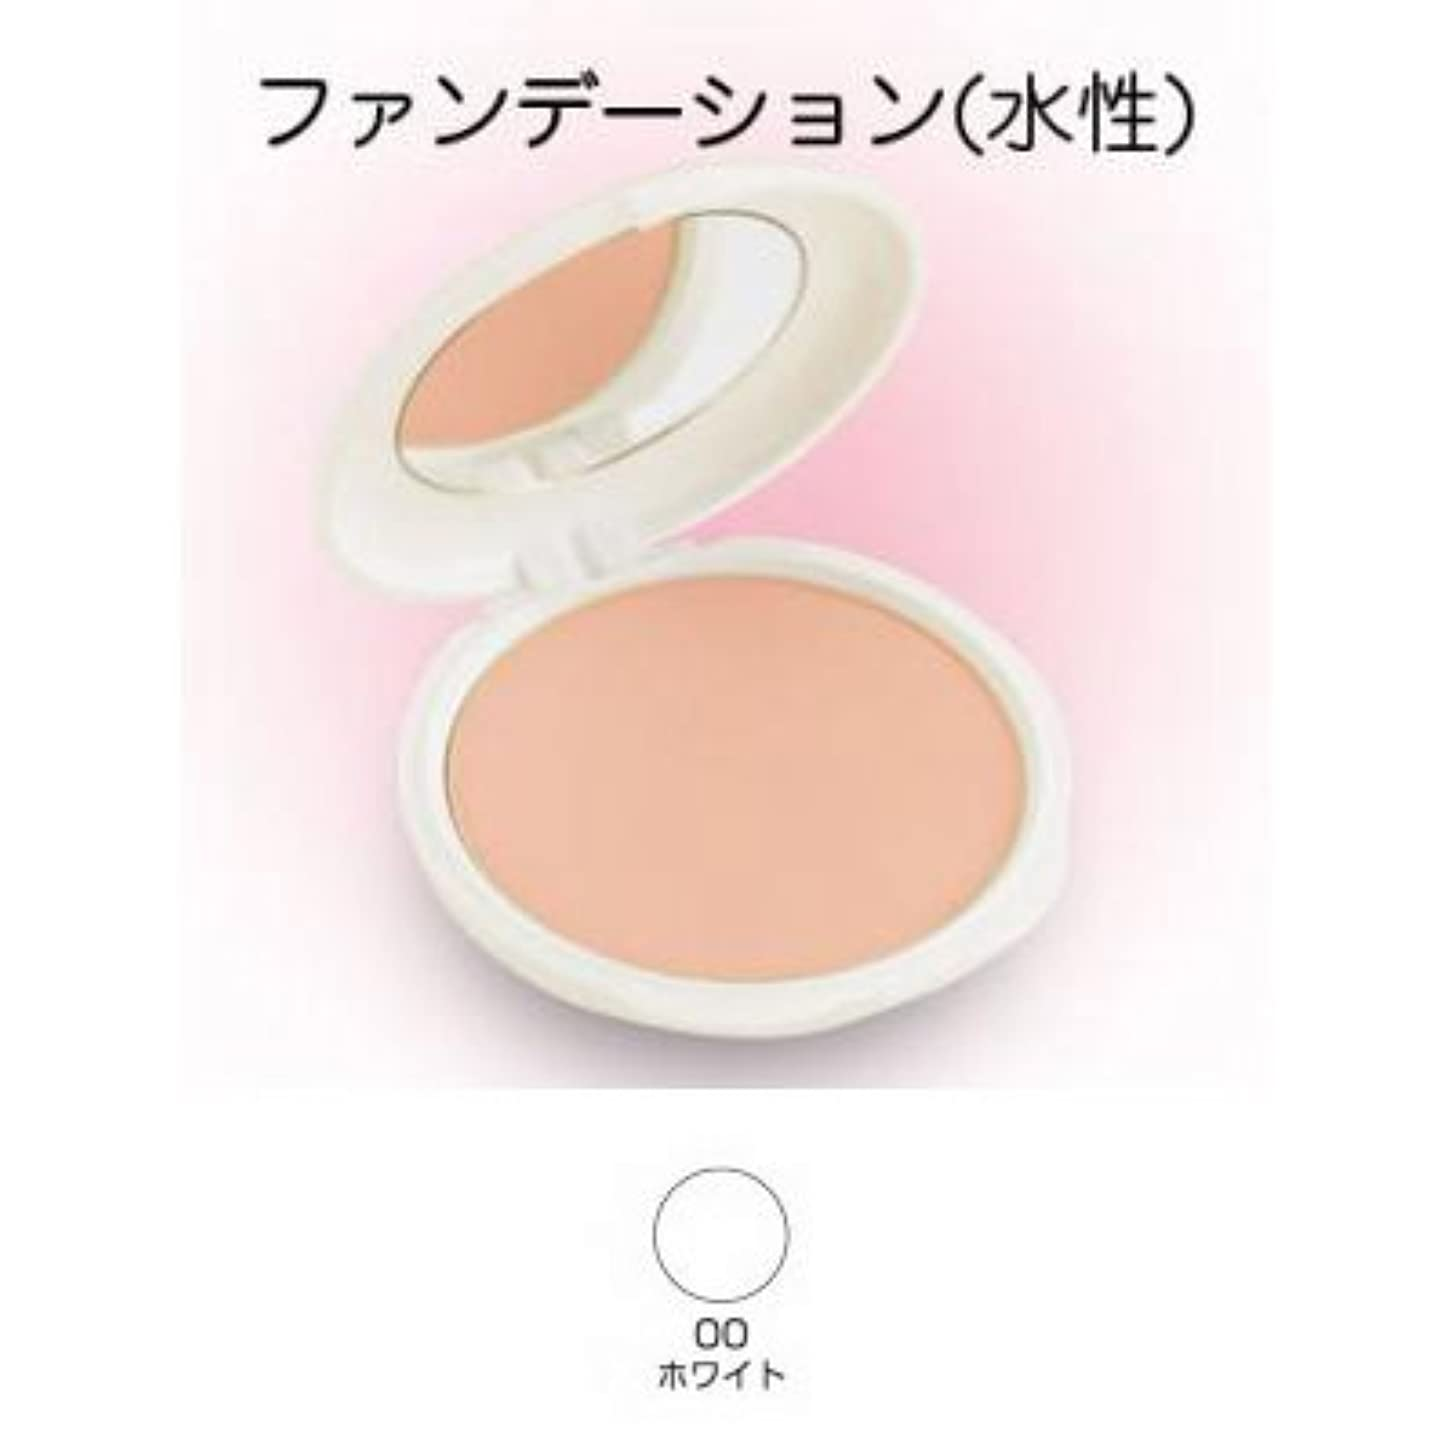 ホラー枯渇バウンスツーウェイケーキ 28g 00ホワイト 【三善】